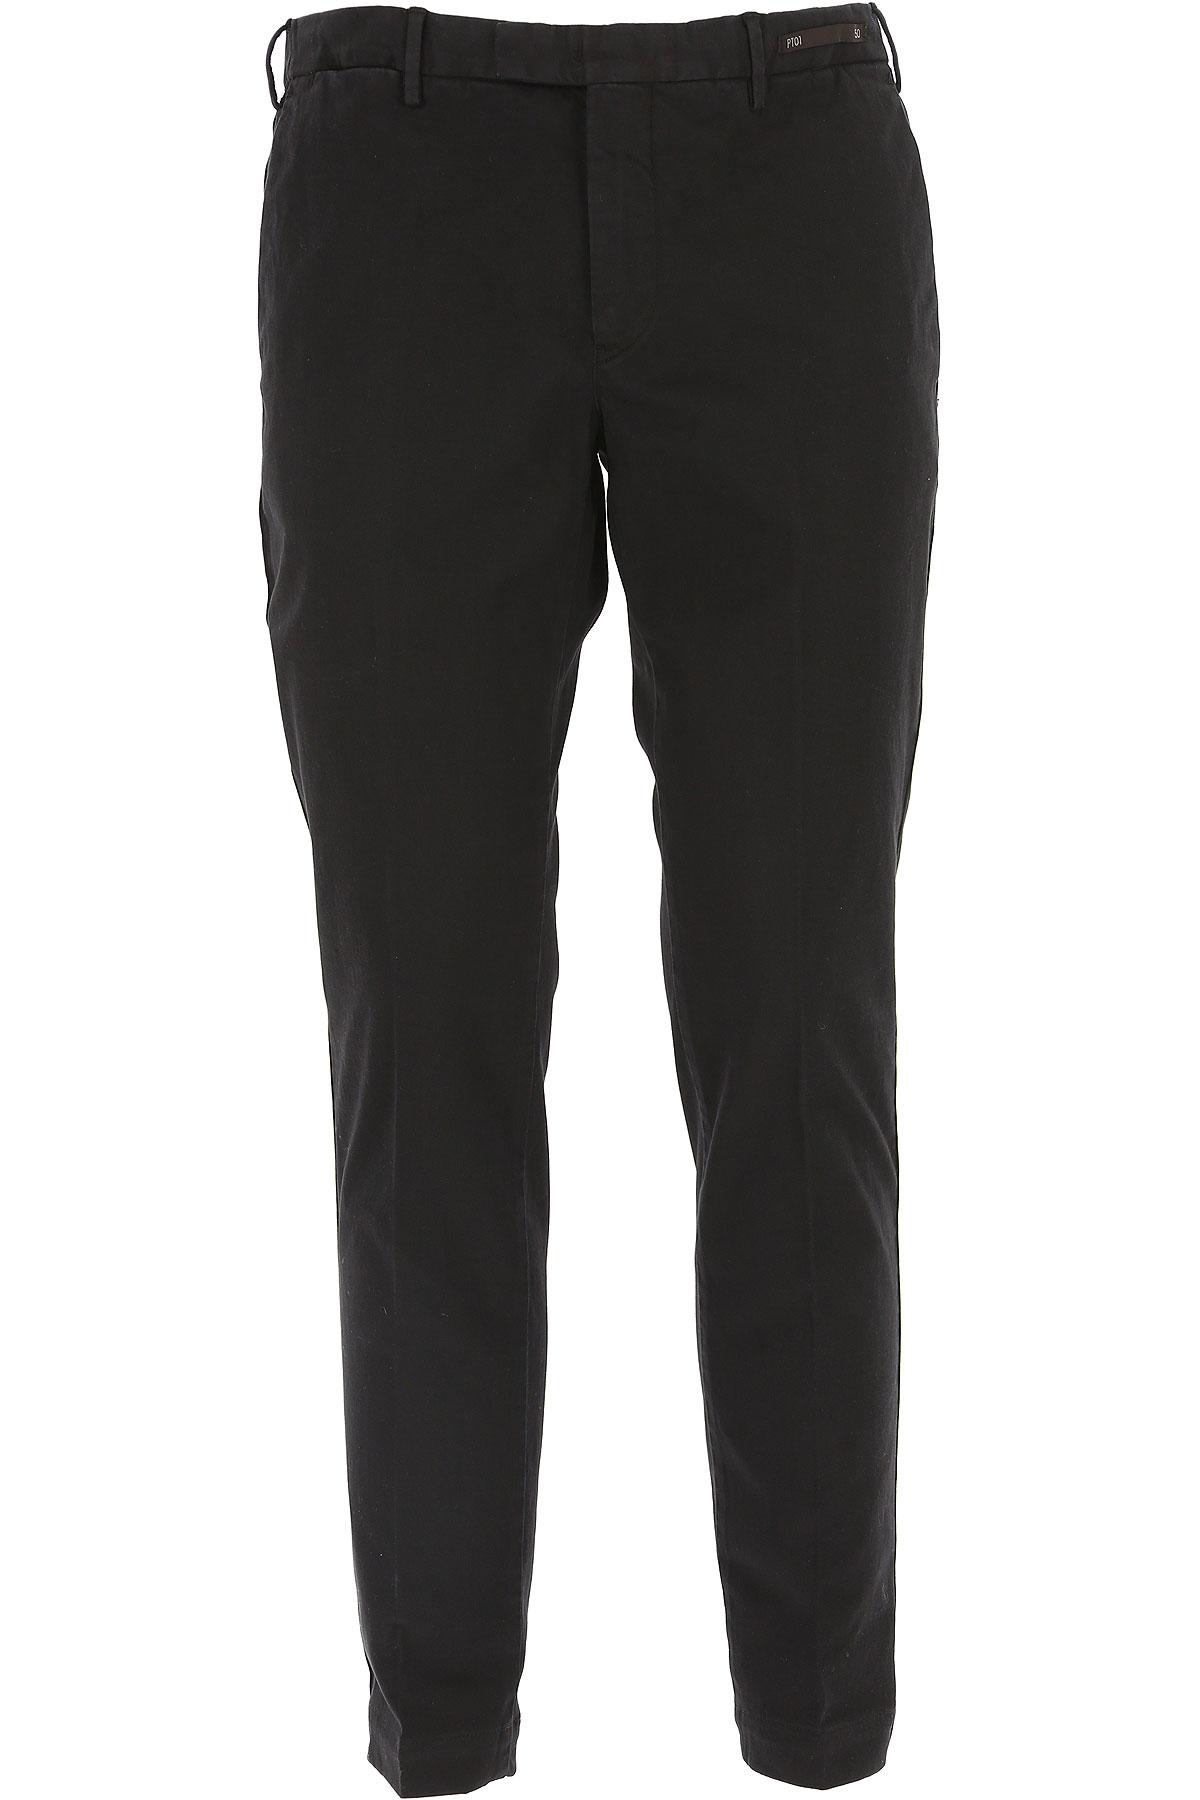 PT01 Pants for Men, Black, Cotton, 2019, 34 38